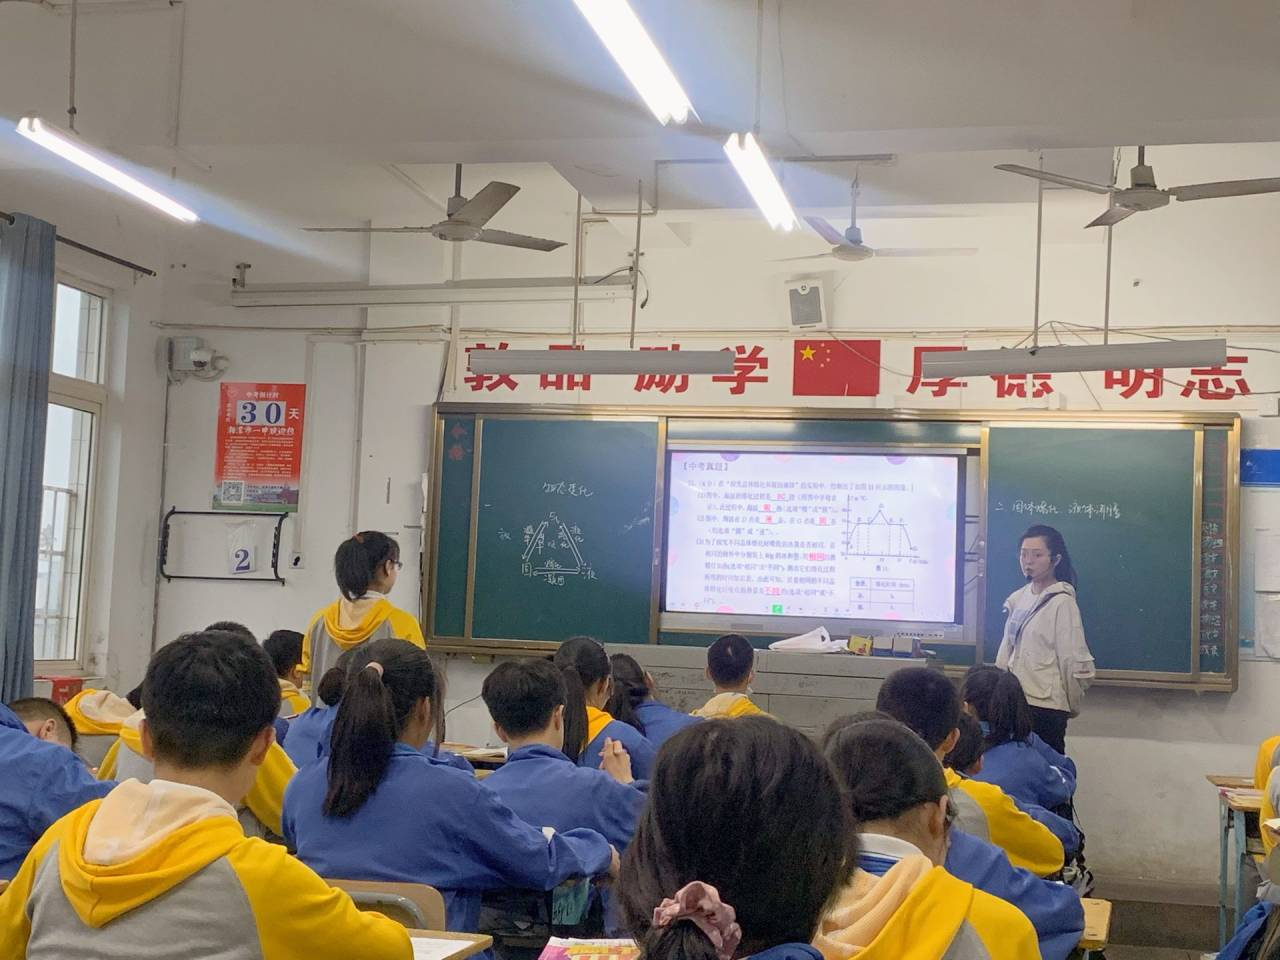 教学视导促发展 课堂教学求实效